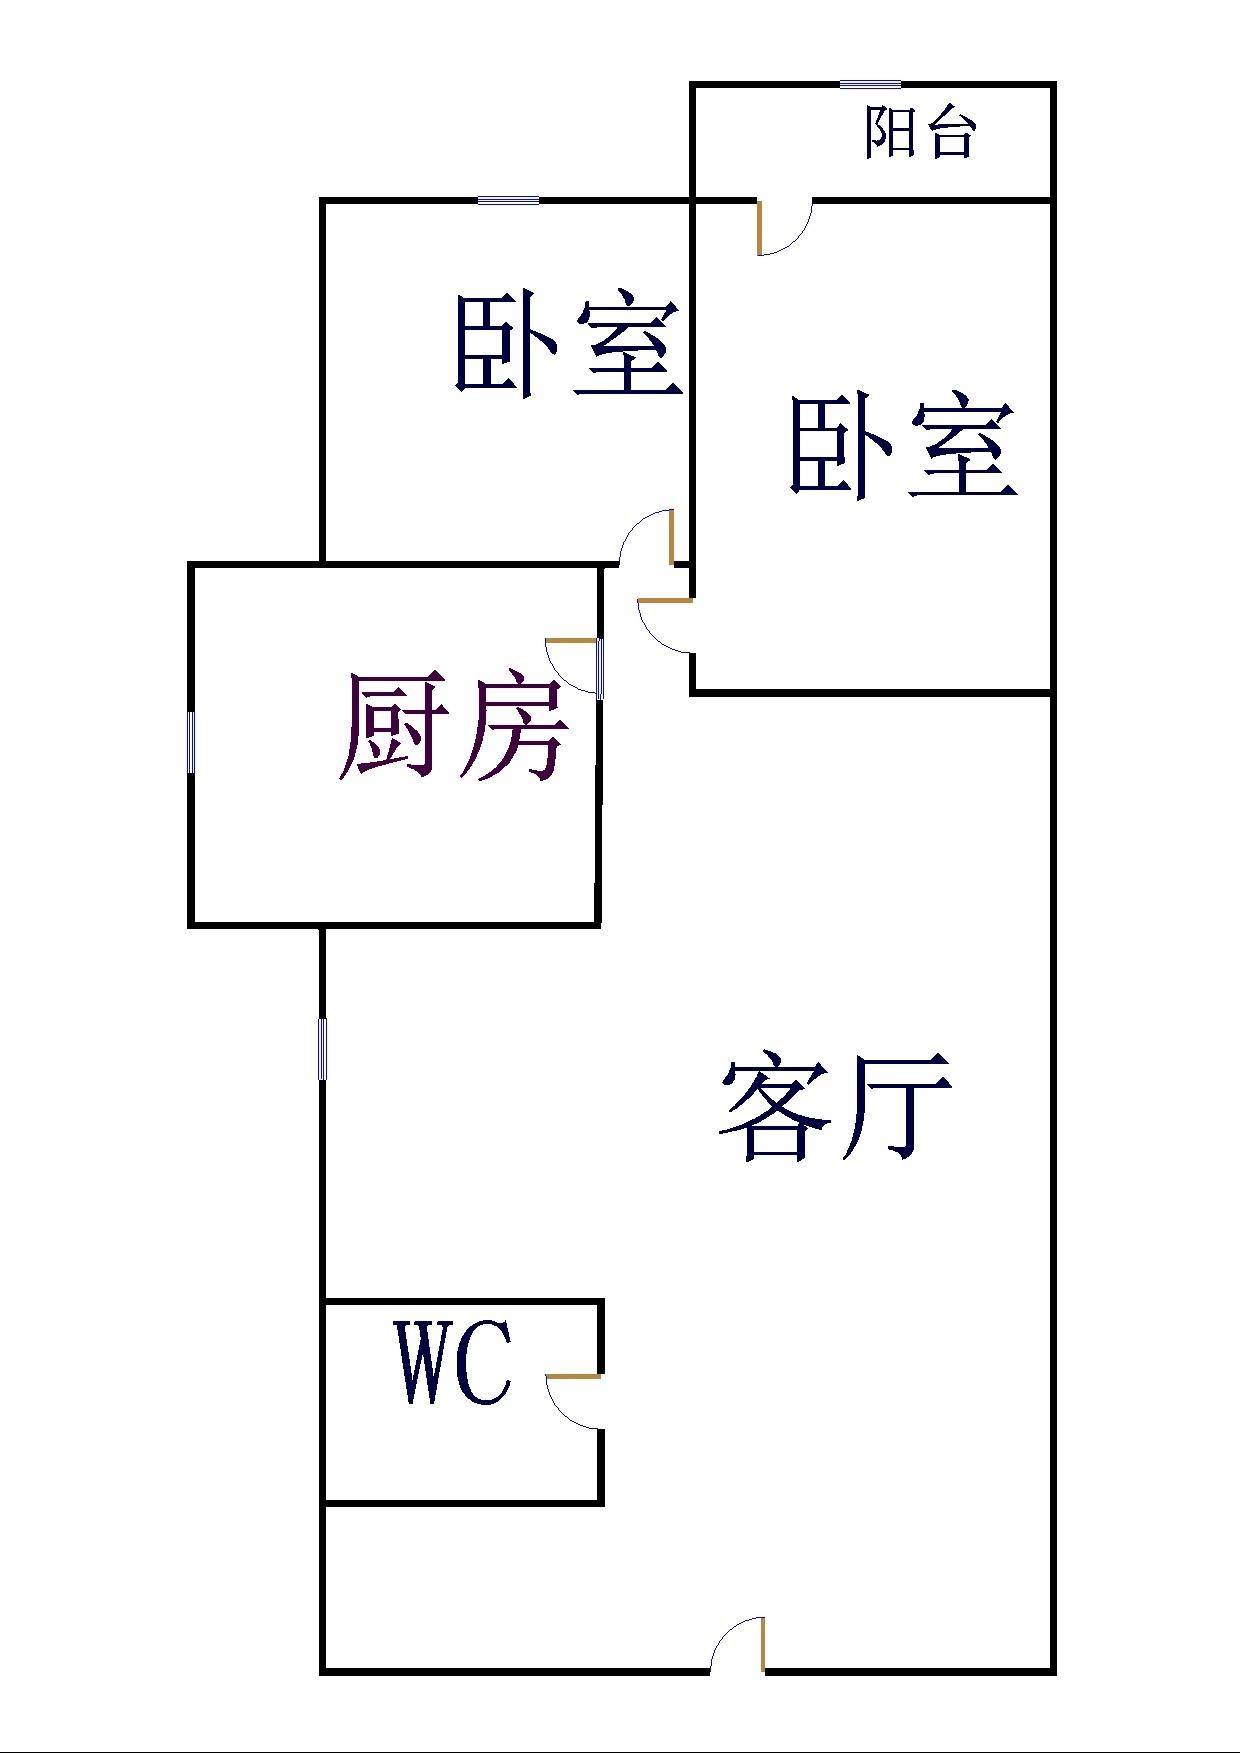 晶峰宿舍 2室2厅 4楼